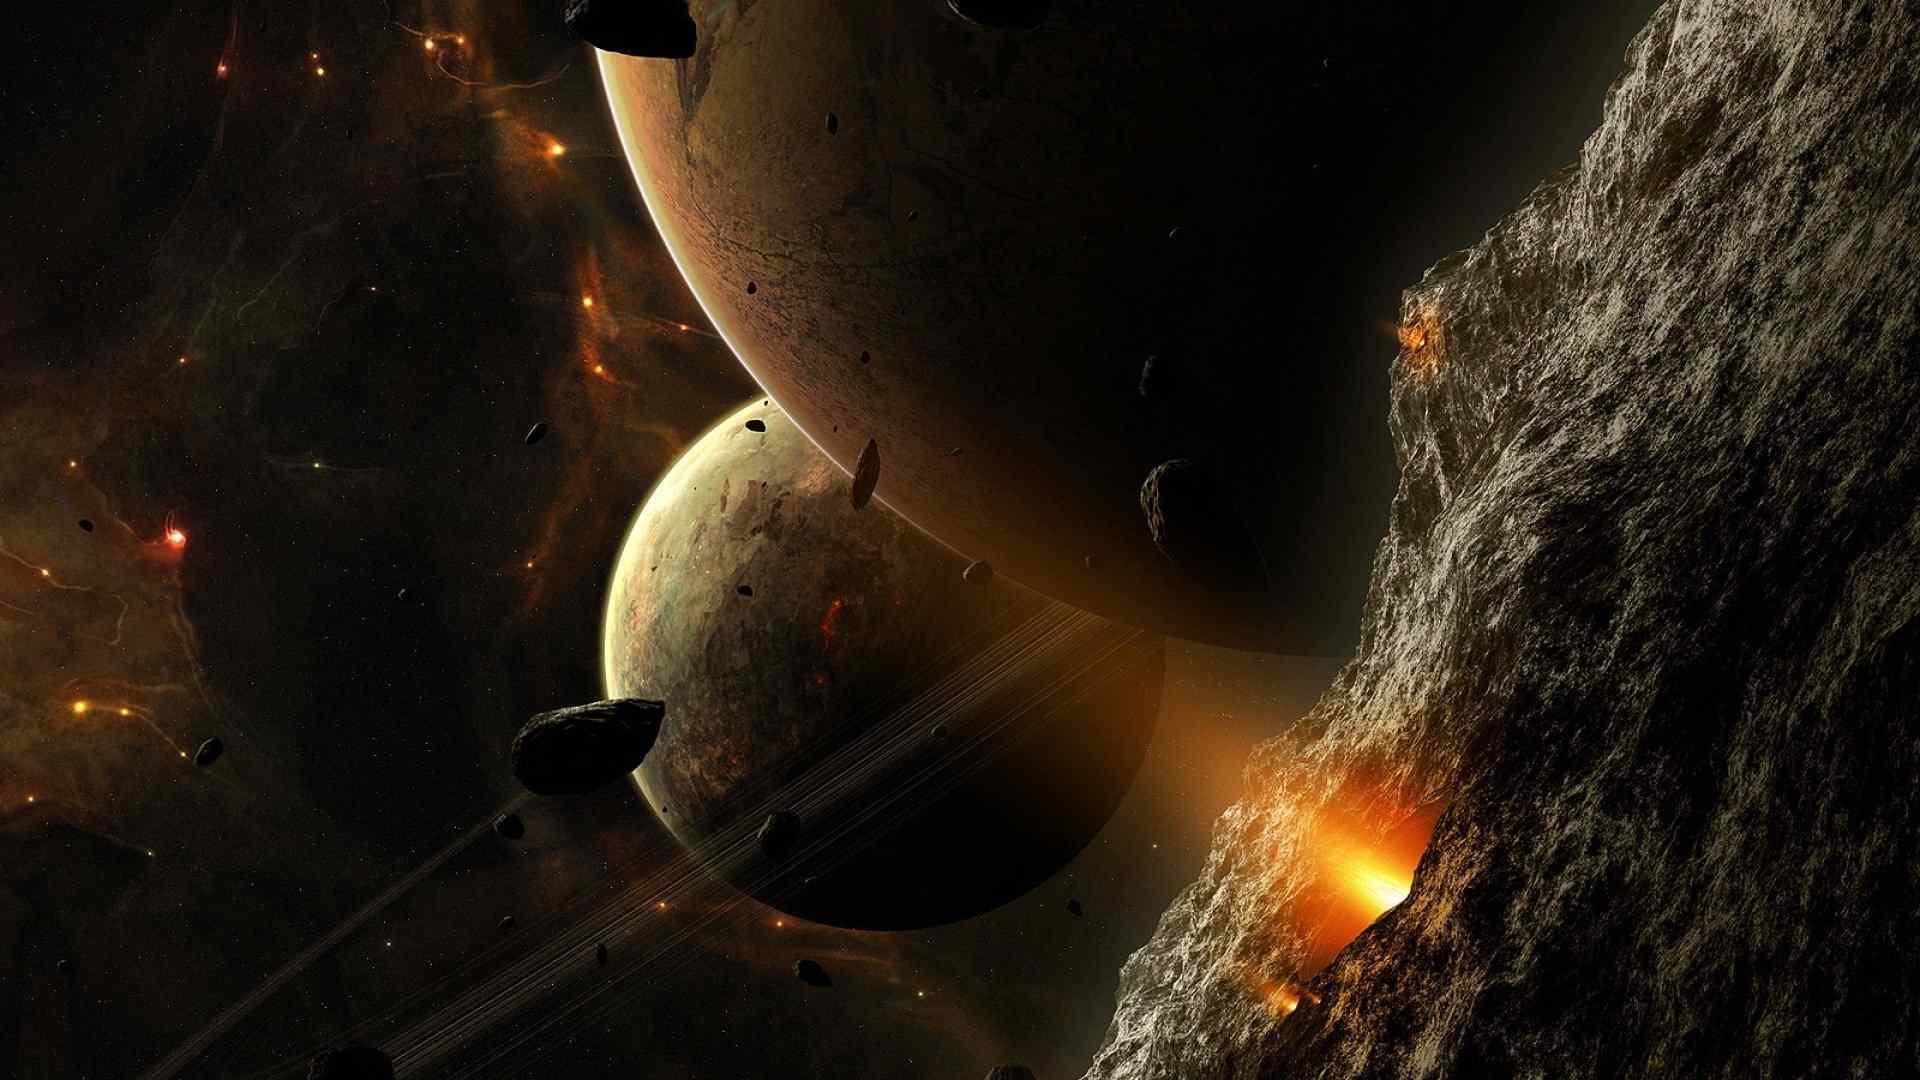 星空陨石坠落图片高清壁纸